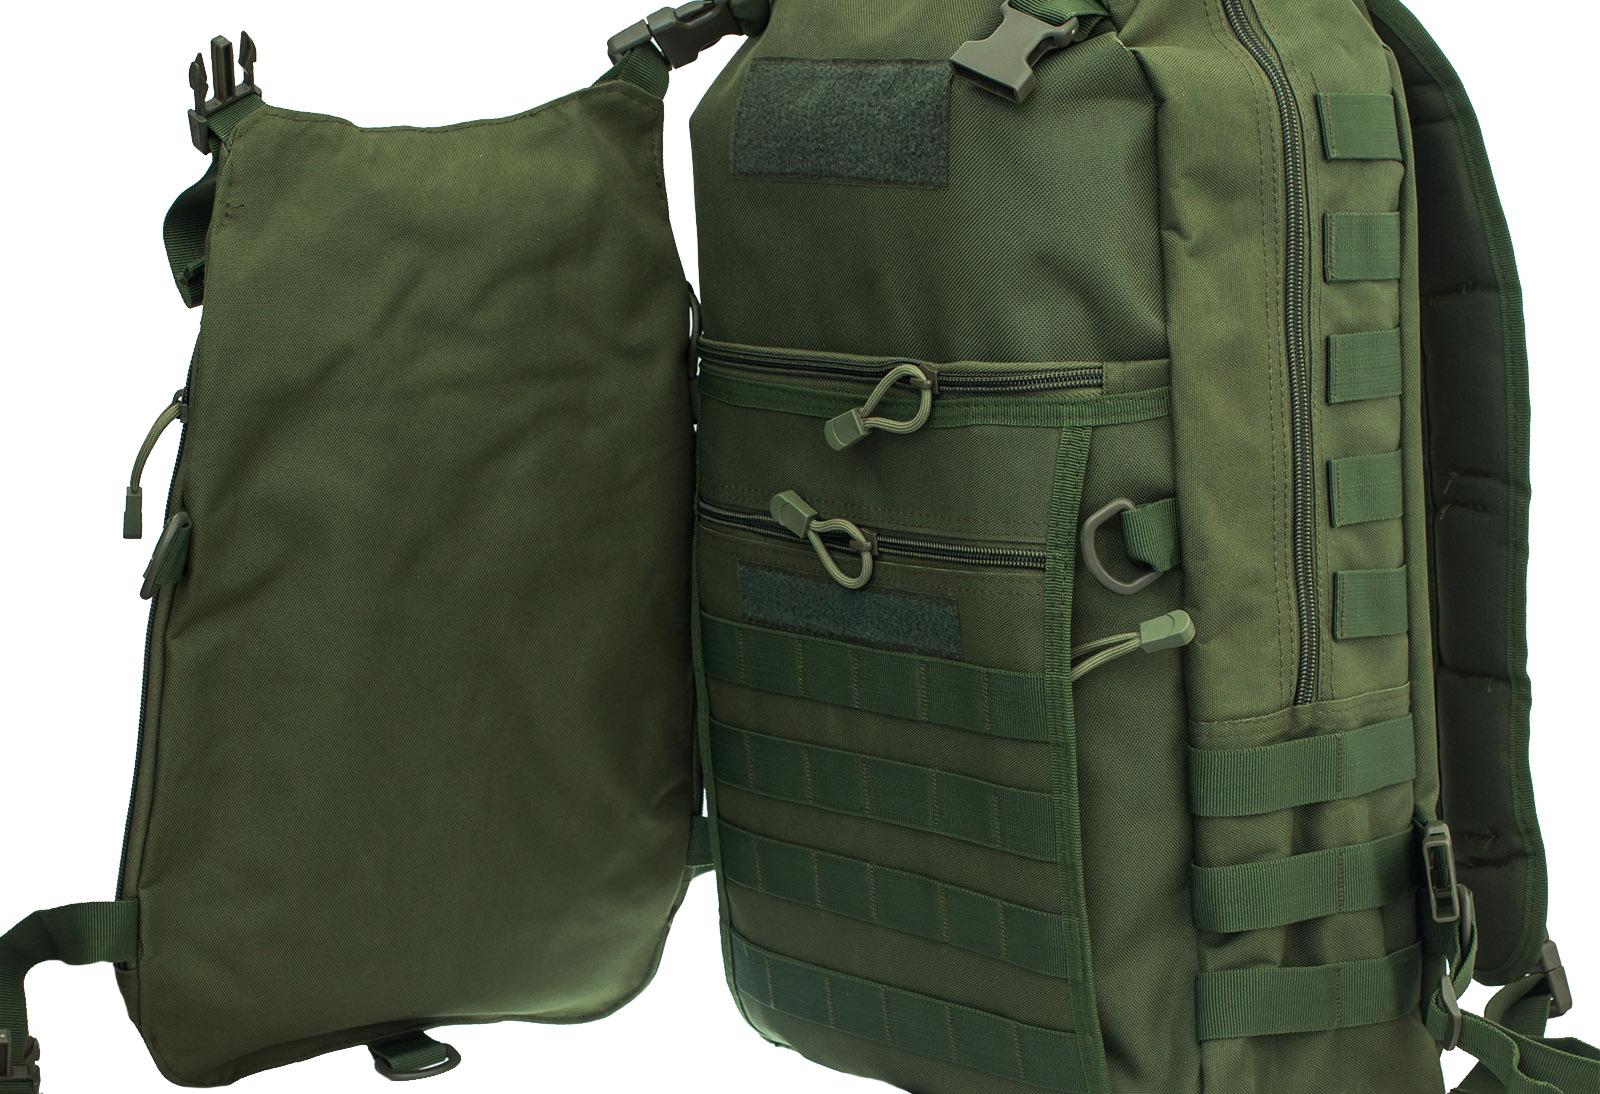 Купить рейдовый рюкзак хаки-олива по лучшей цене